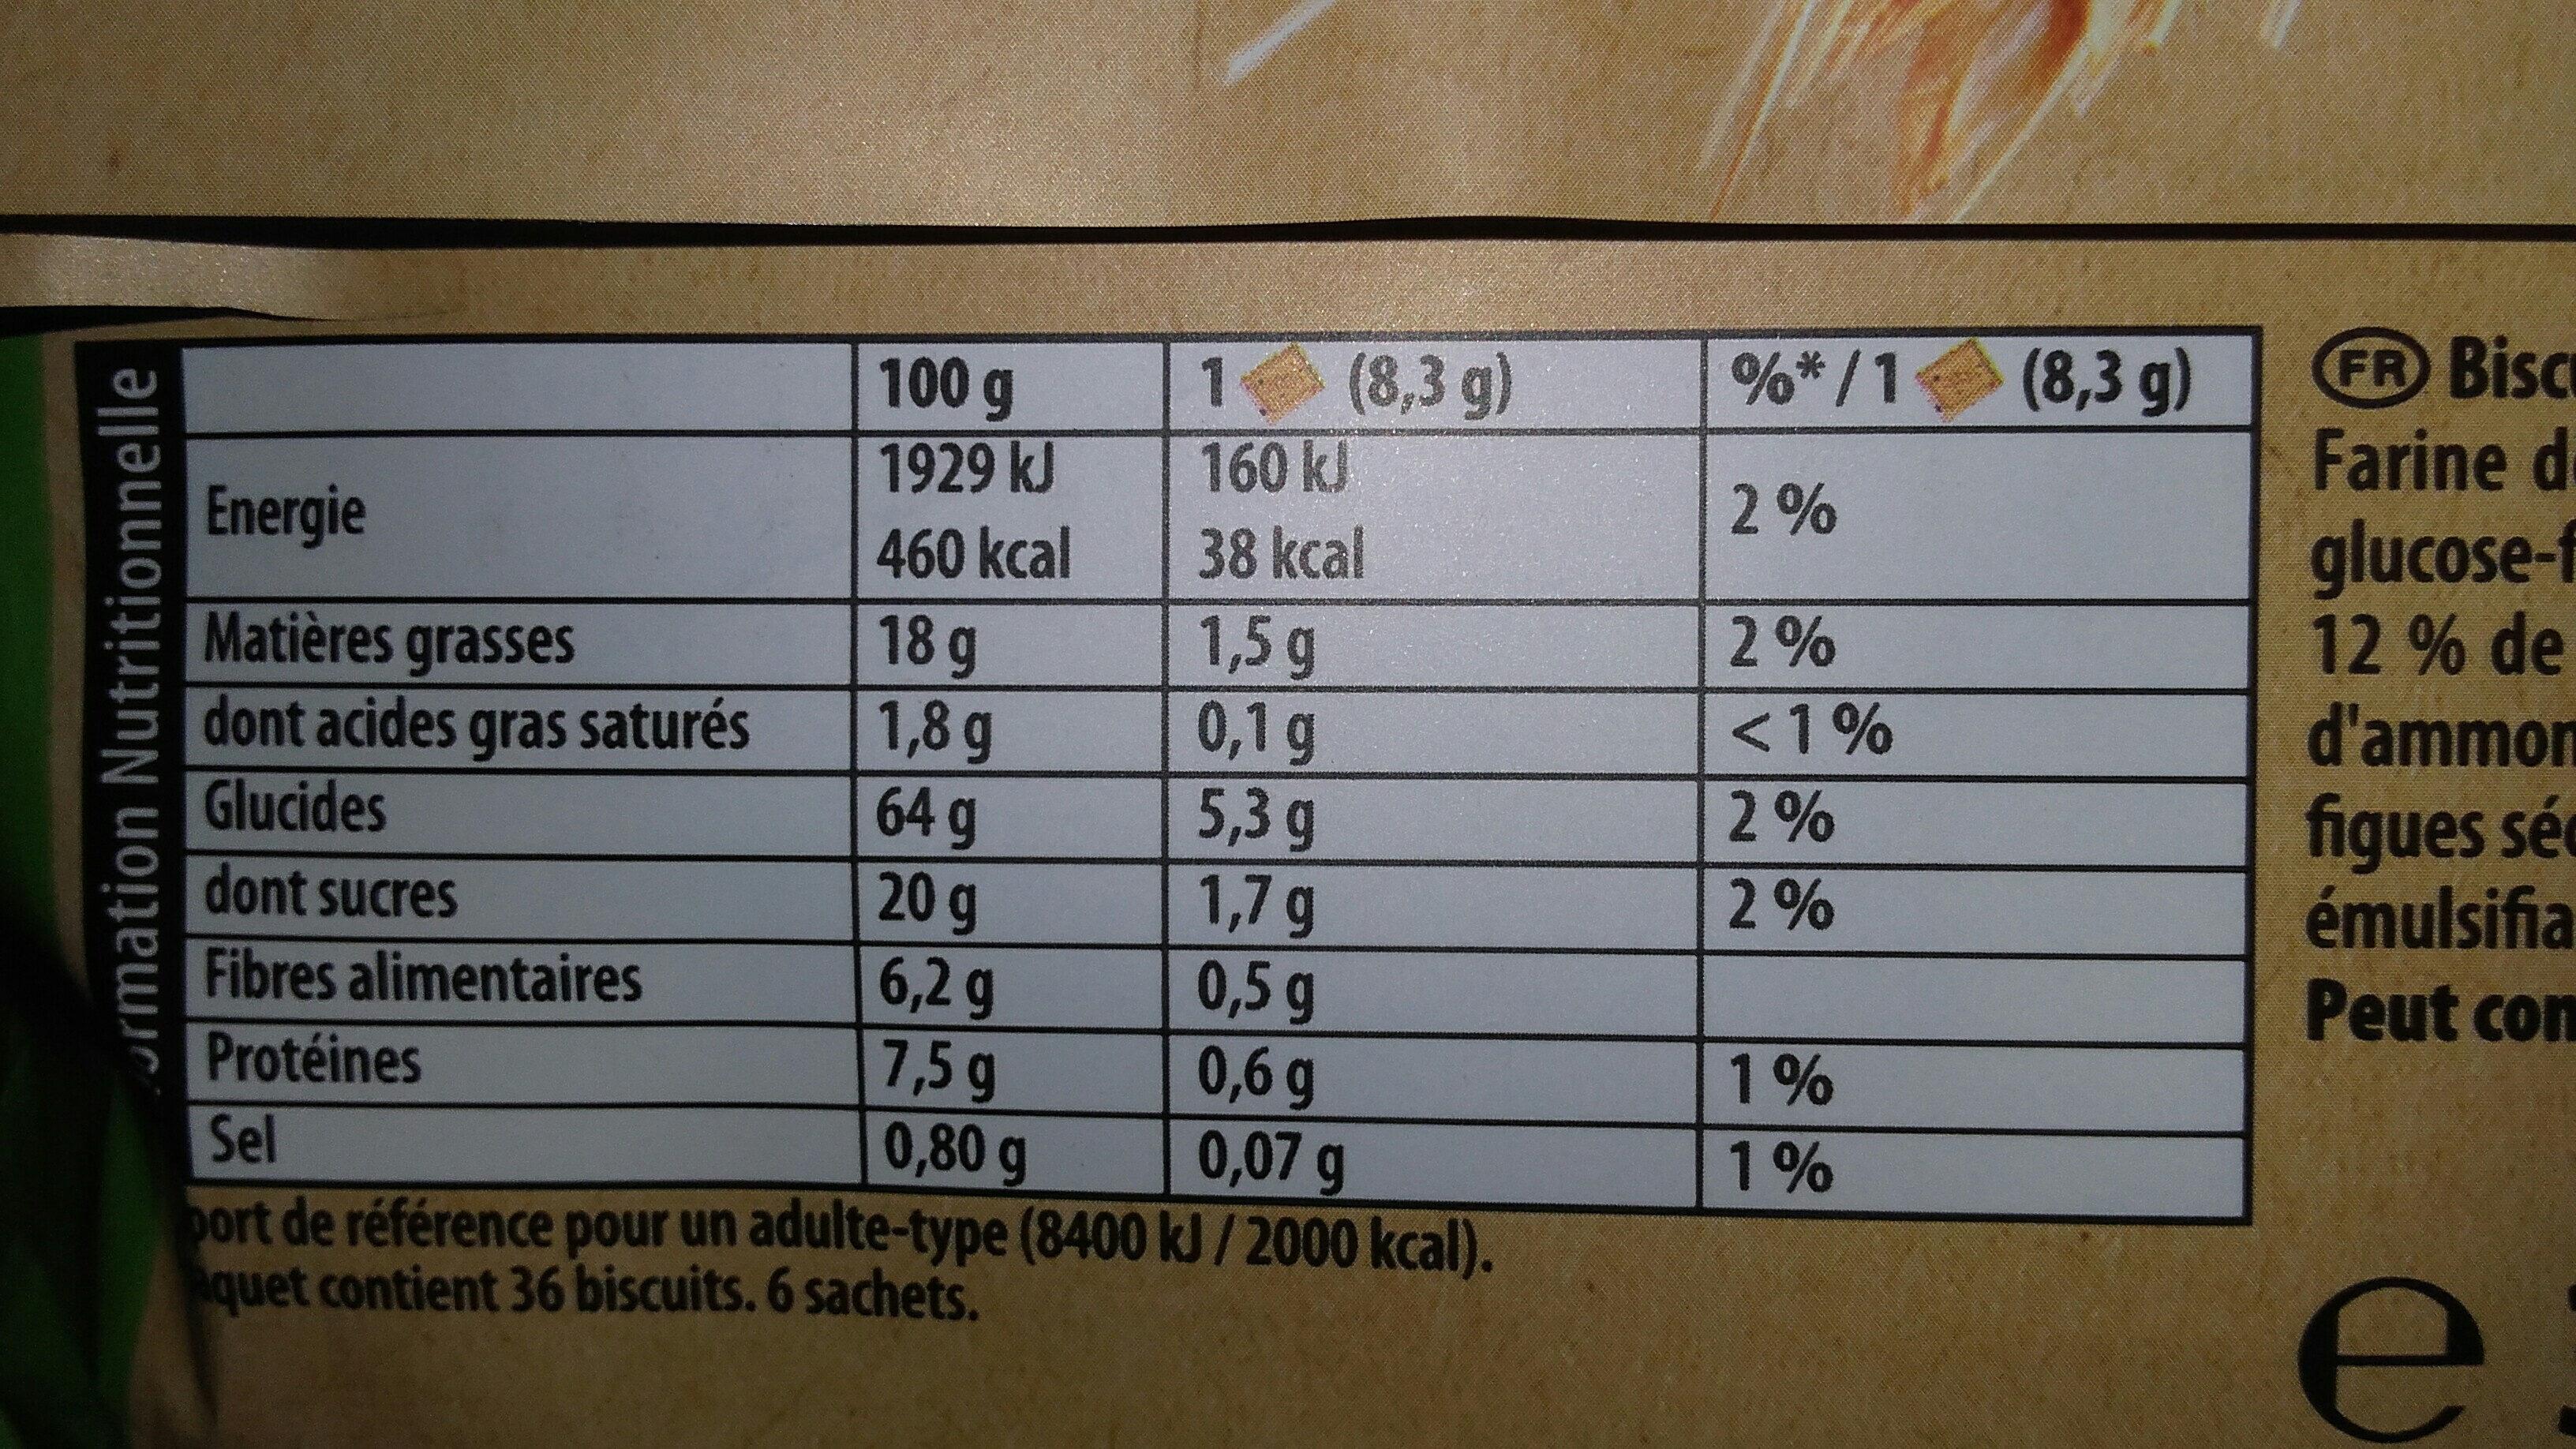 Les Petits Épis figue raisin abricot - Informations nutritionnelles - fr